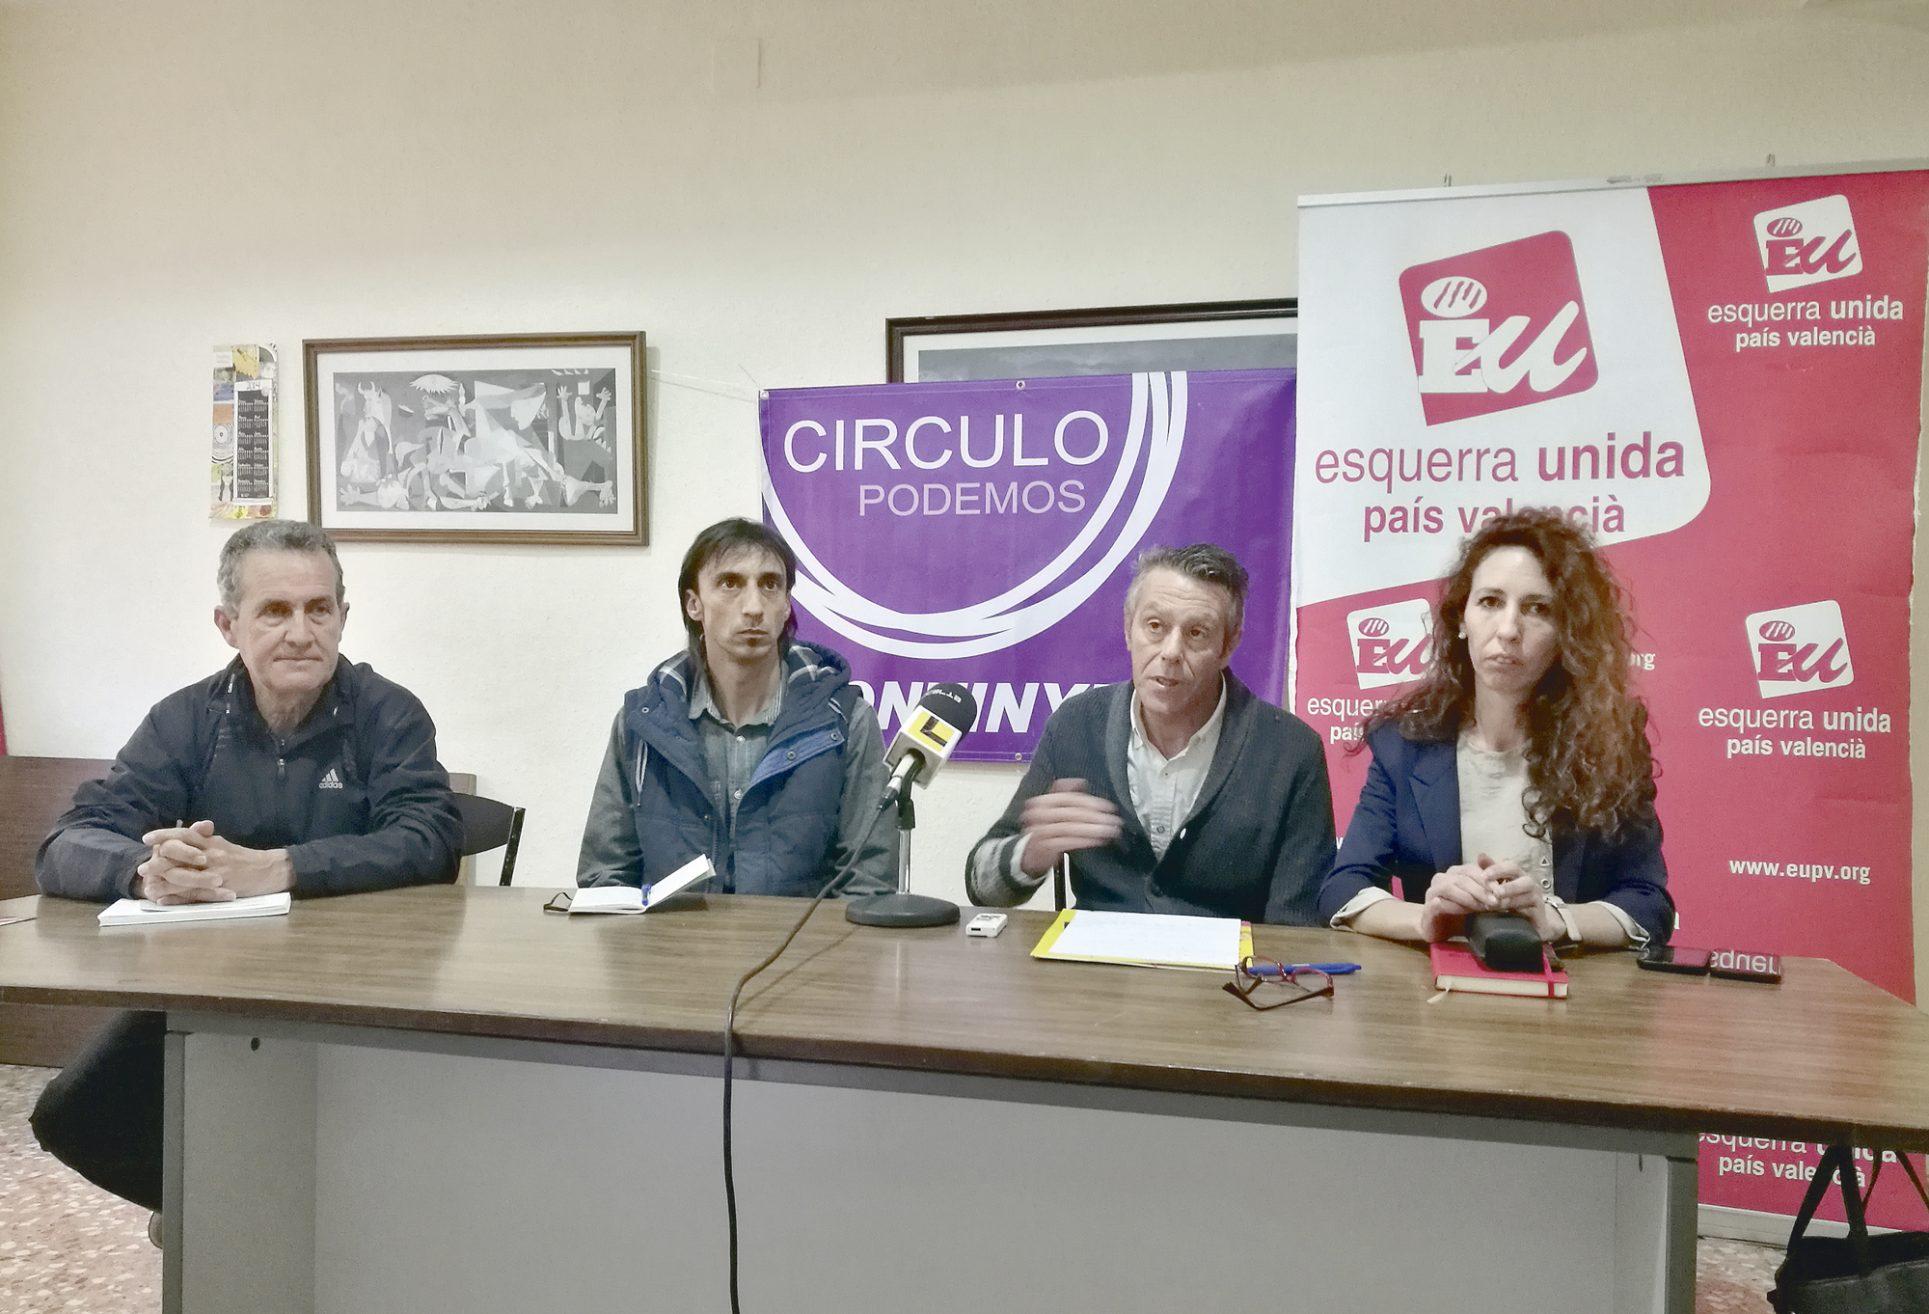 EUPV i Podem fan primàries per escollir els candidats de la confluència El Periòdic d'Ontinyent